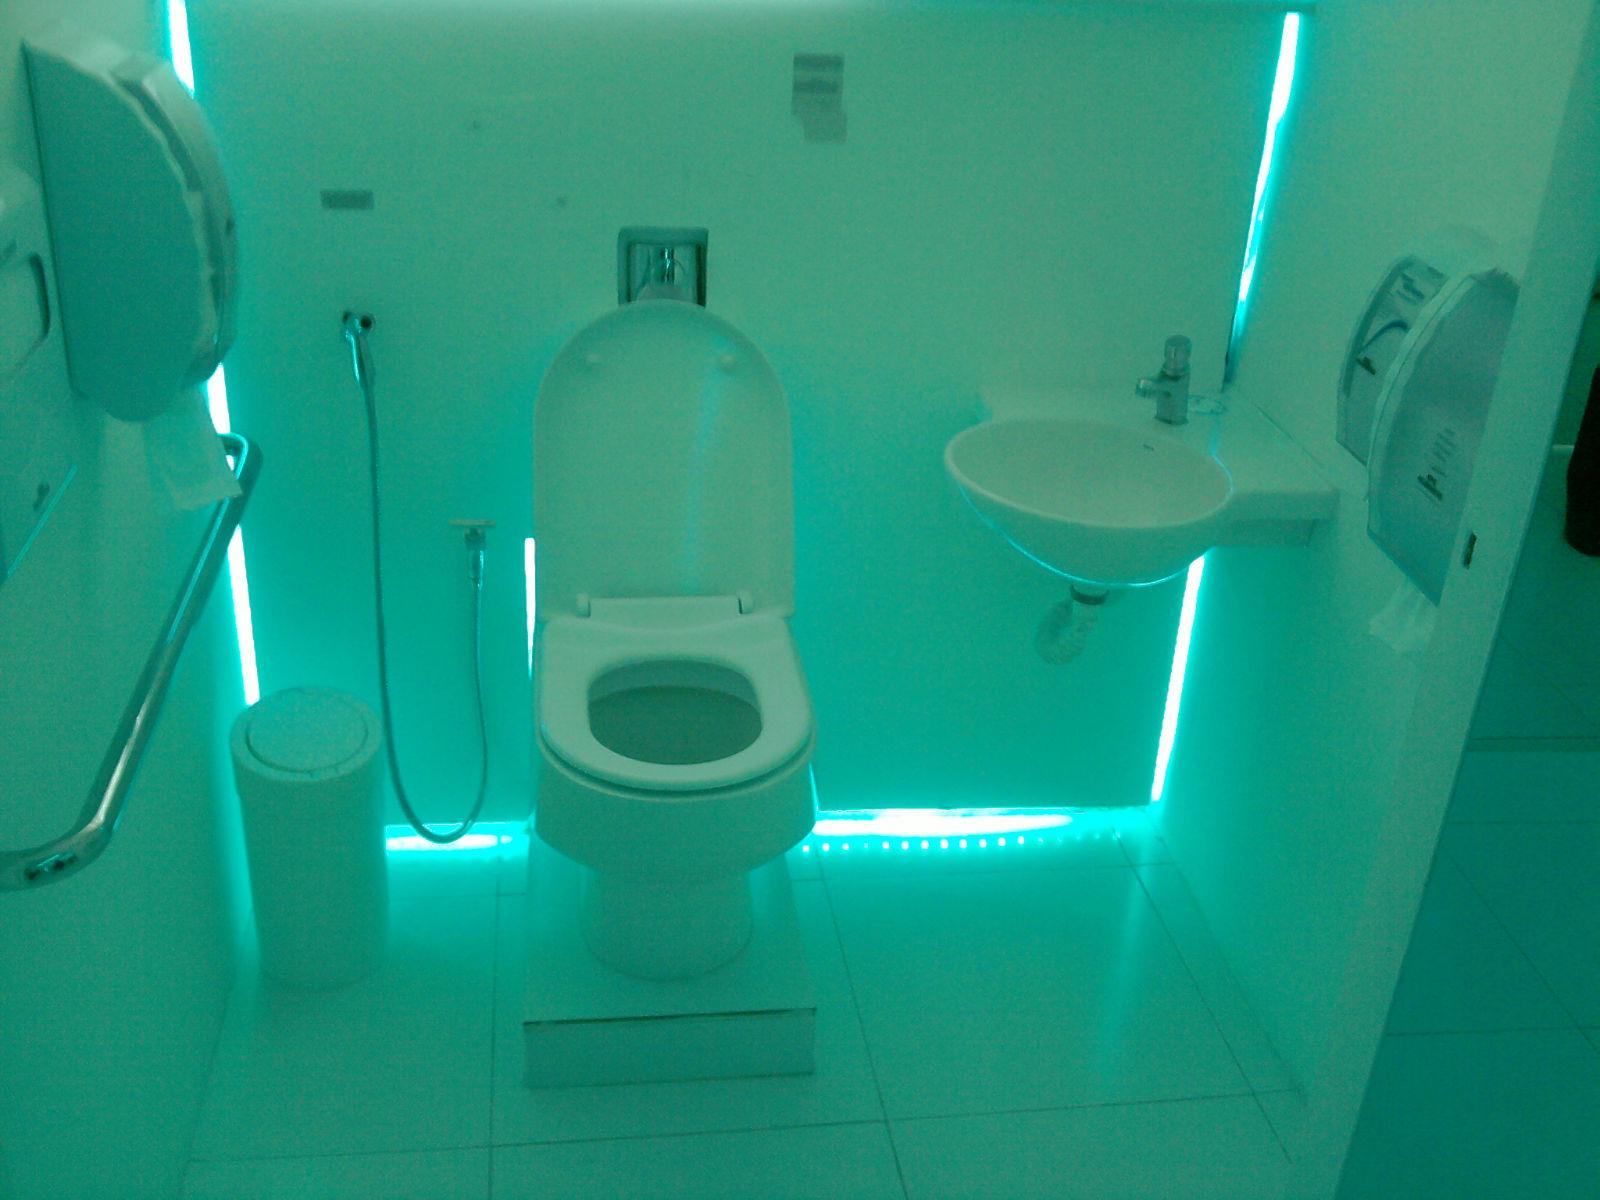 Banheiro para deficiente fisico #005456 1600 1200